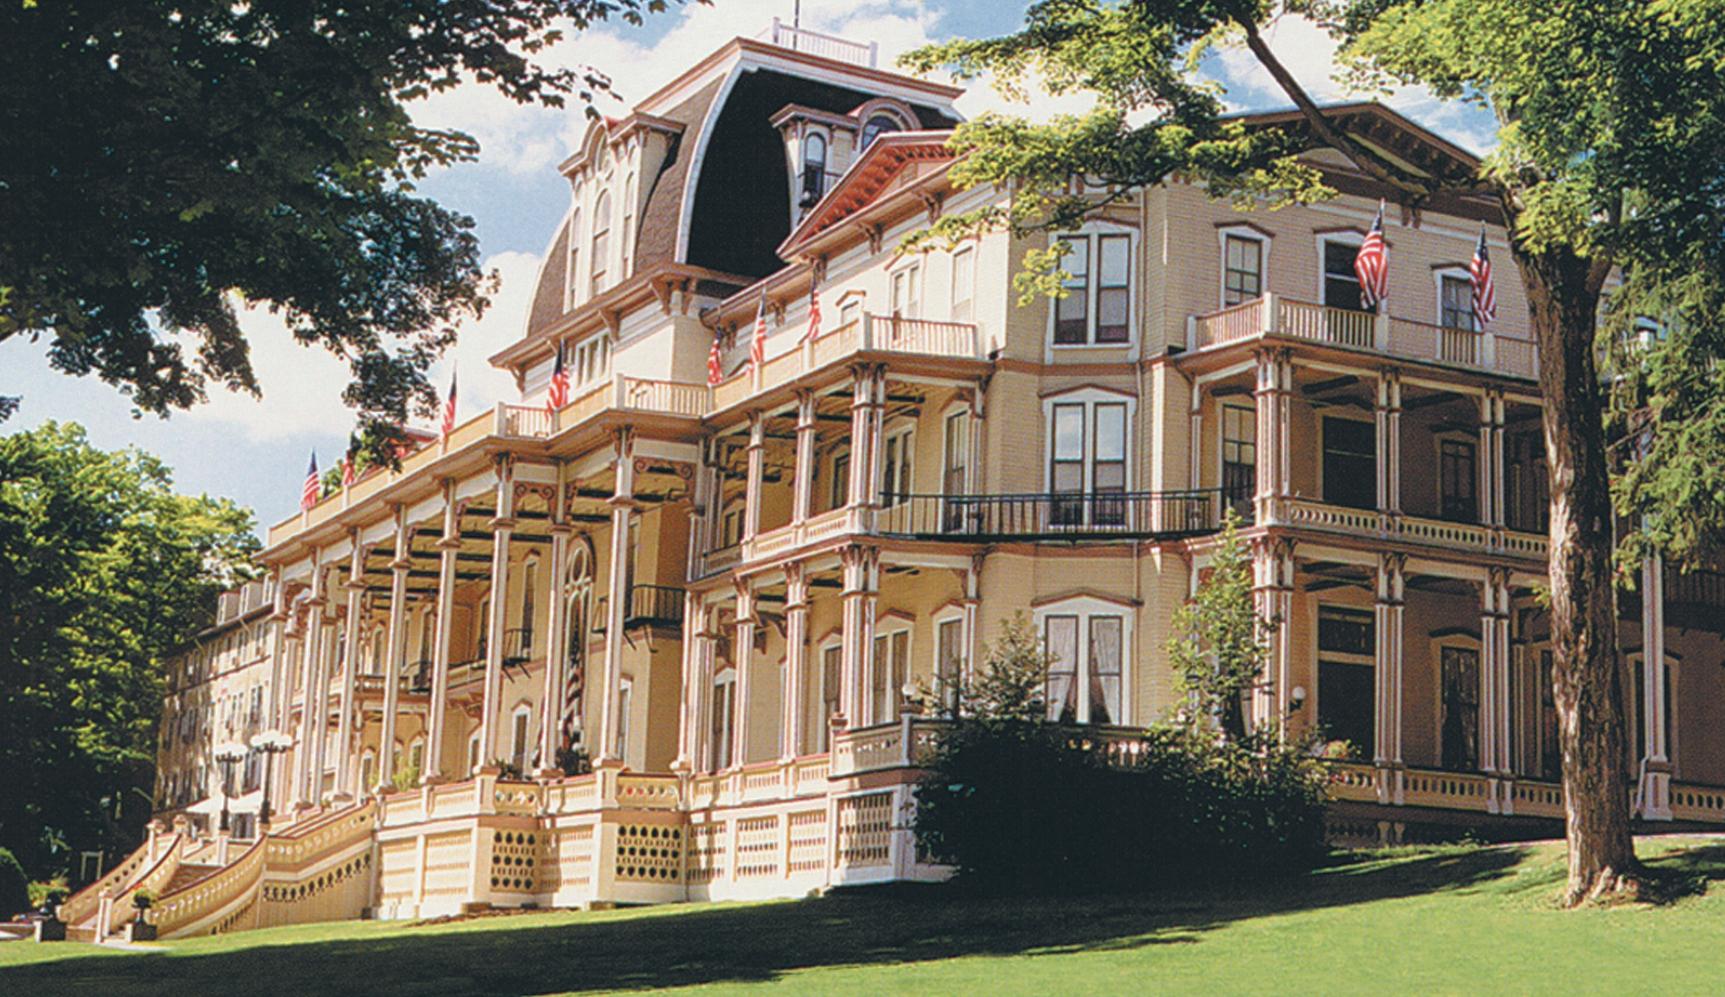 The Chautauqua Institution; credit: Chautauqua Institution